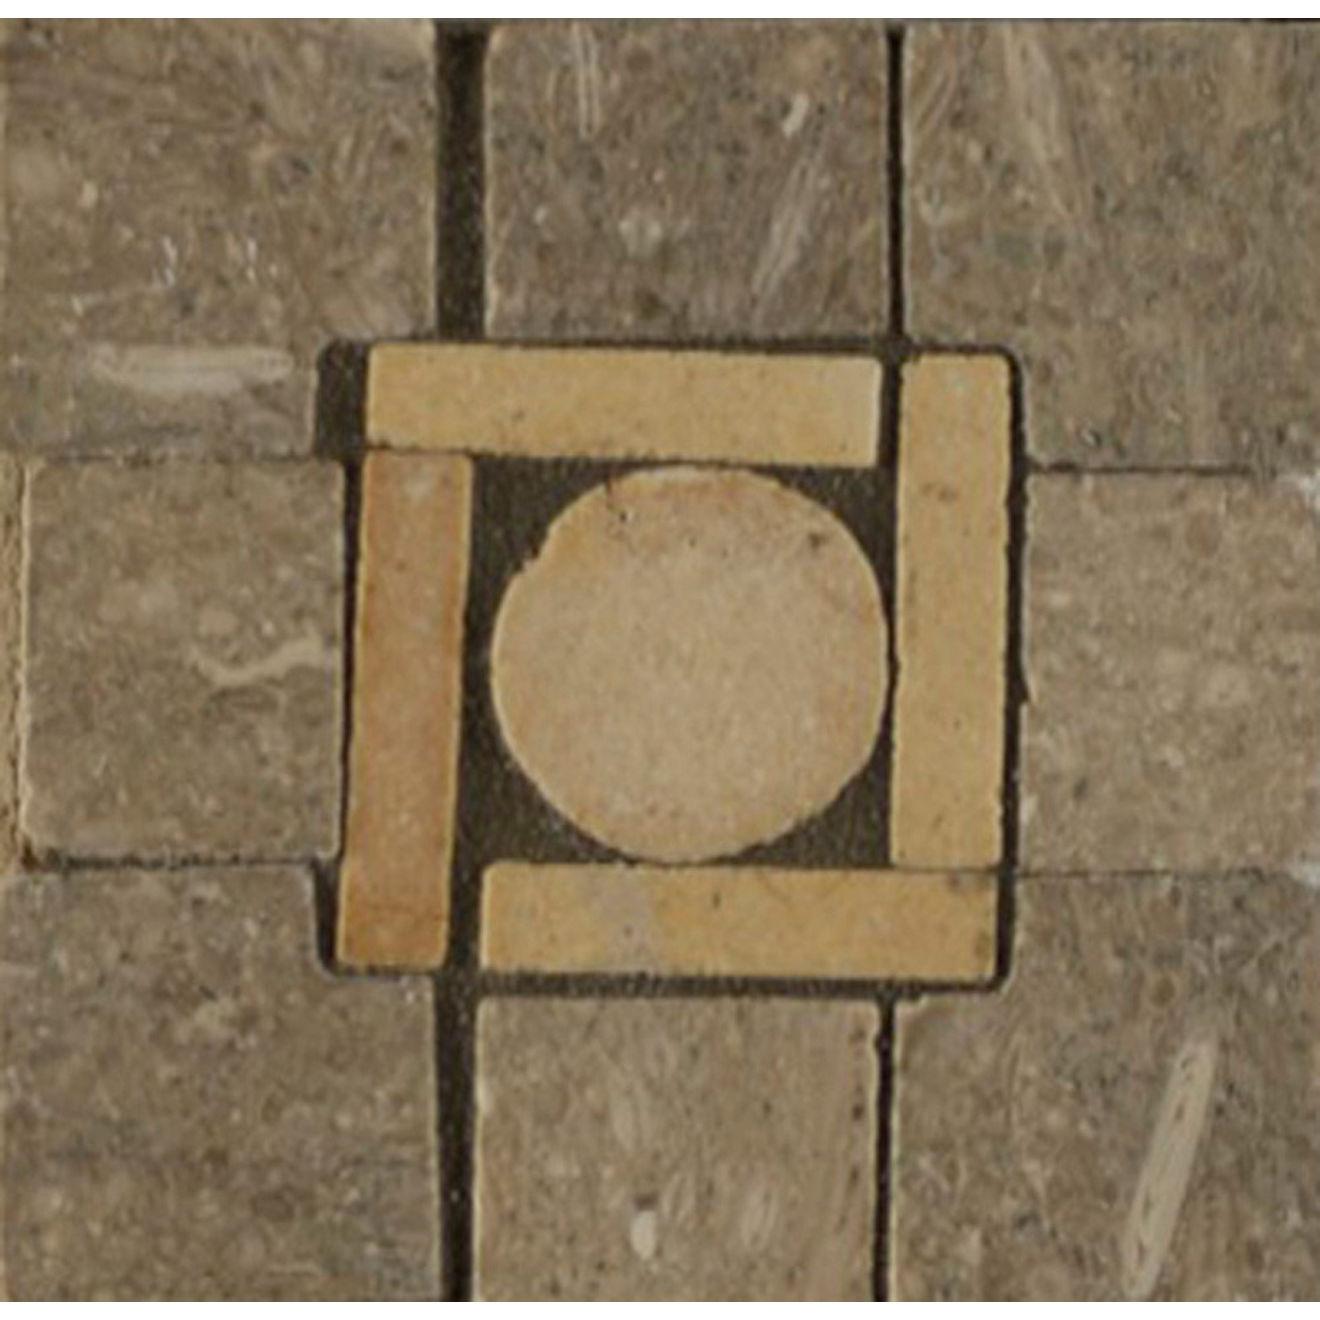 3X3 Square Peg Cnr Tepenade/Brioche